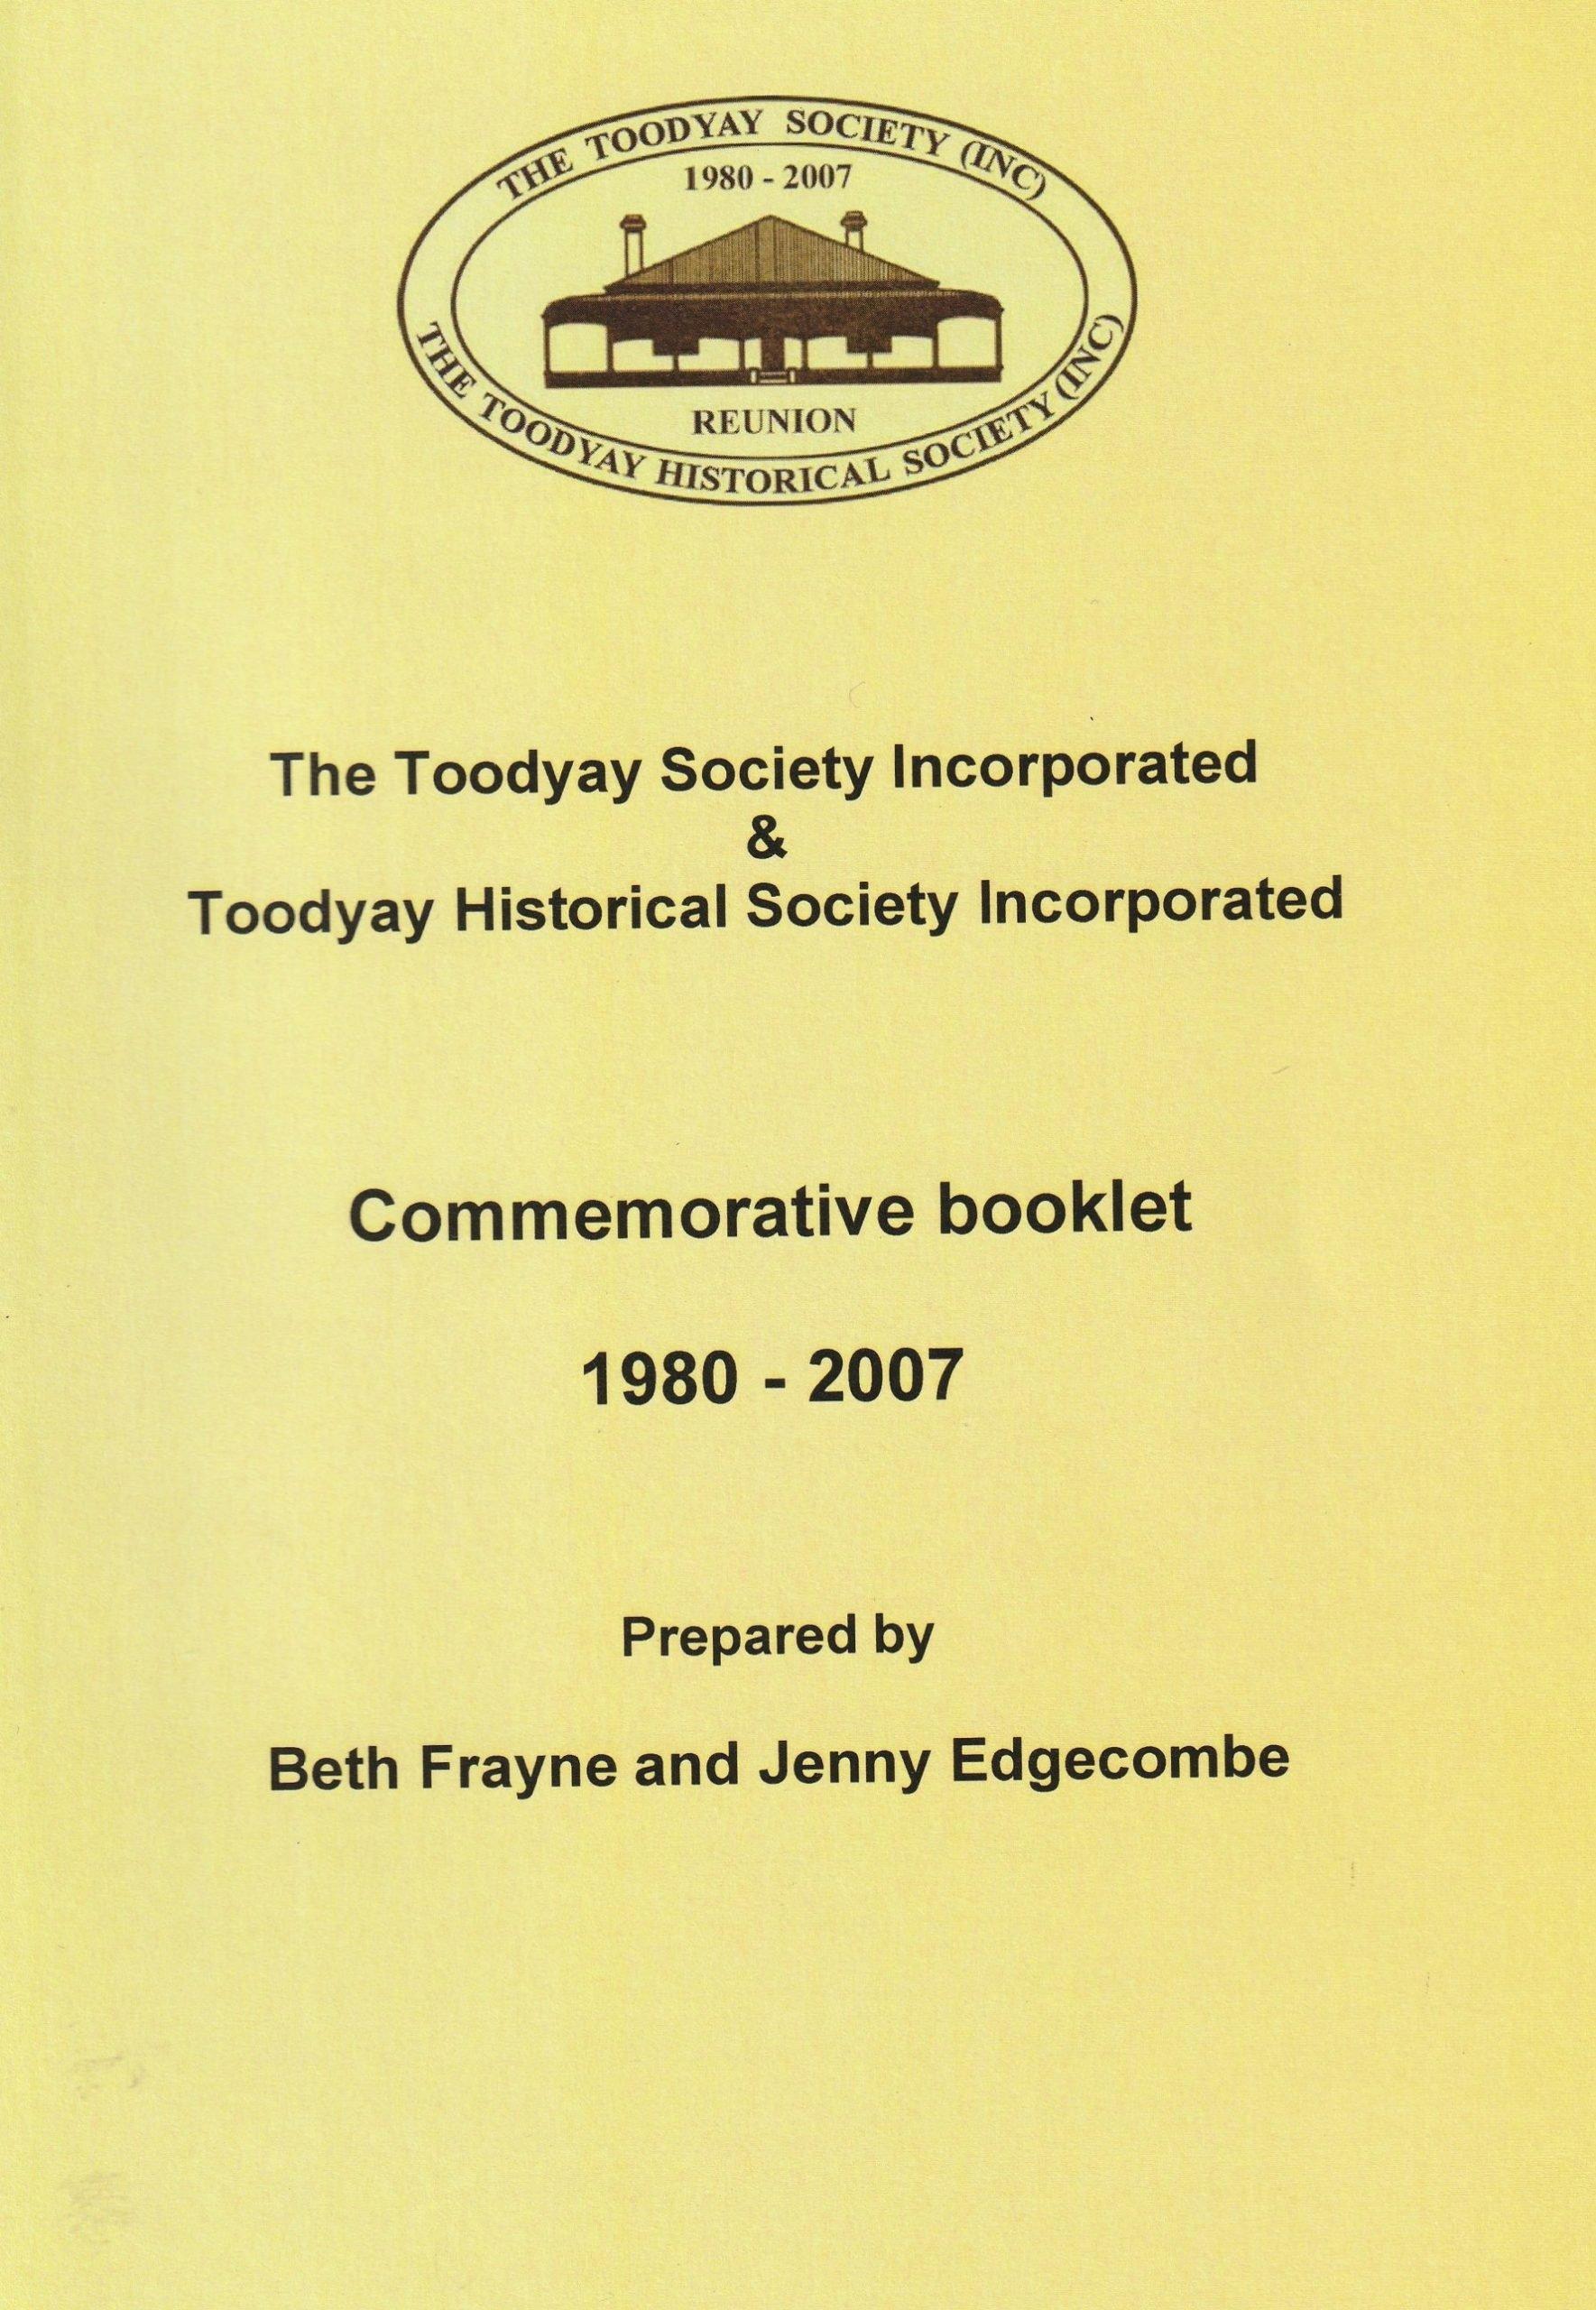 The Toodyay Society Incorporated & Toodyay Historical Society Incorporated, 1980-2007